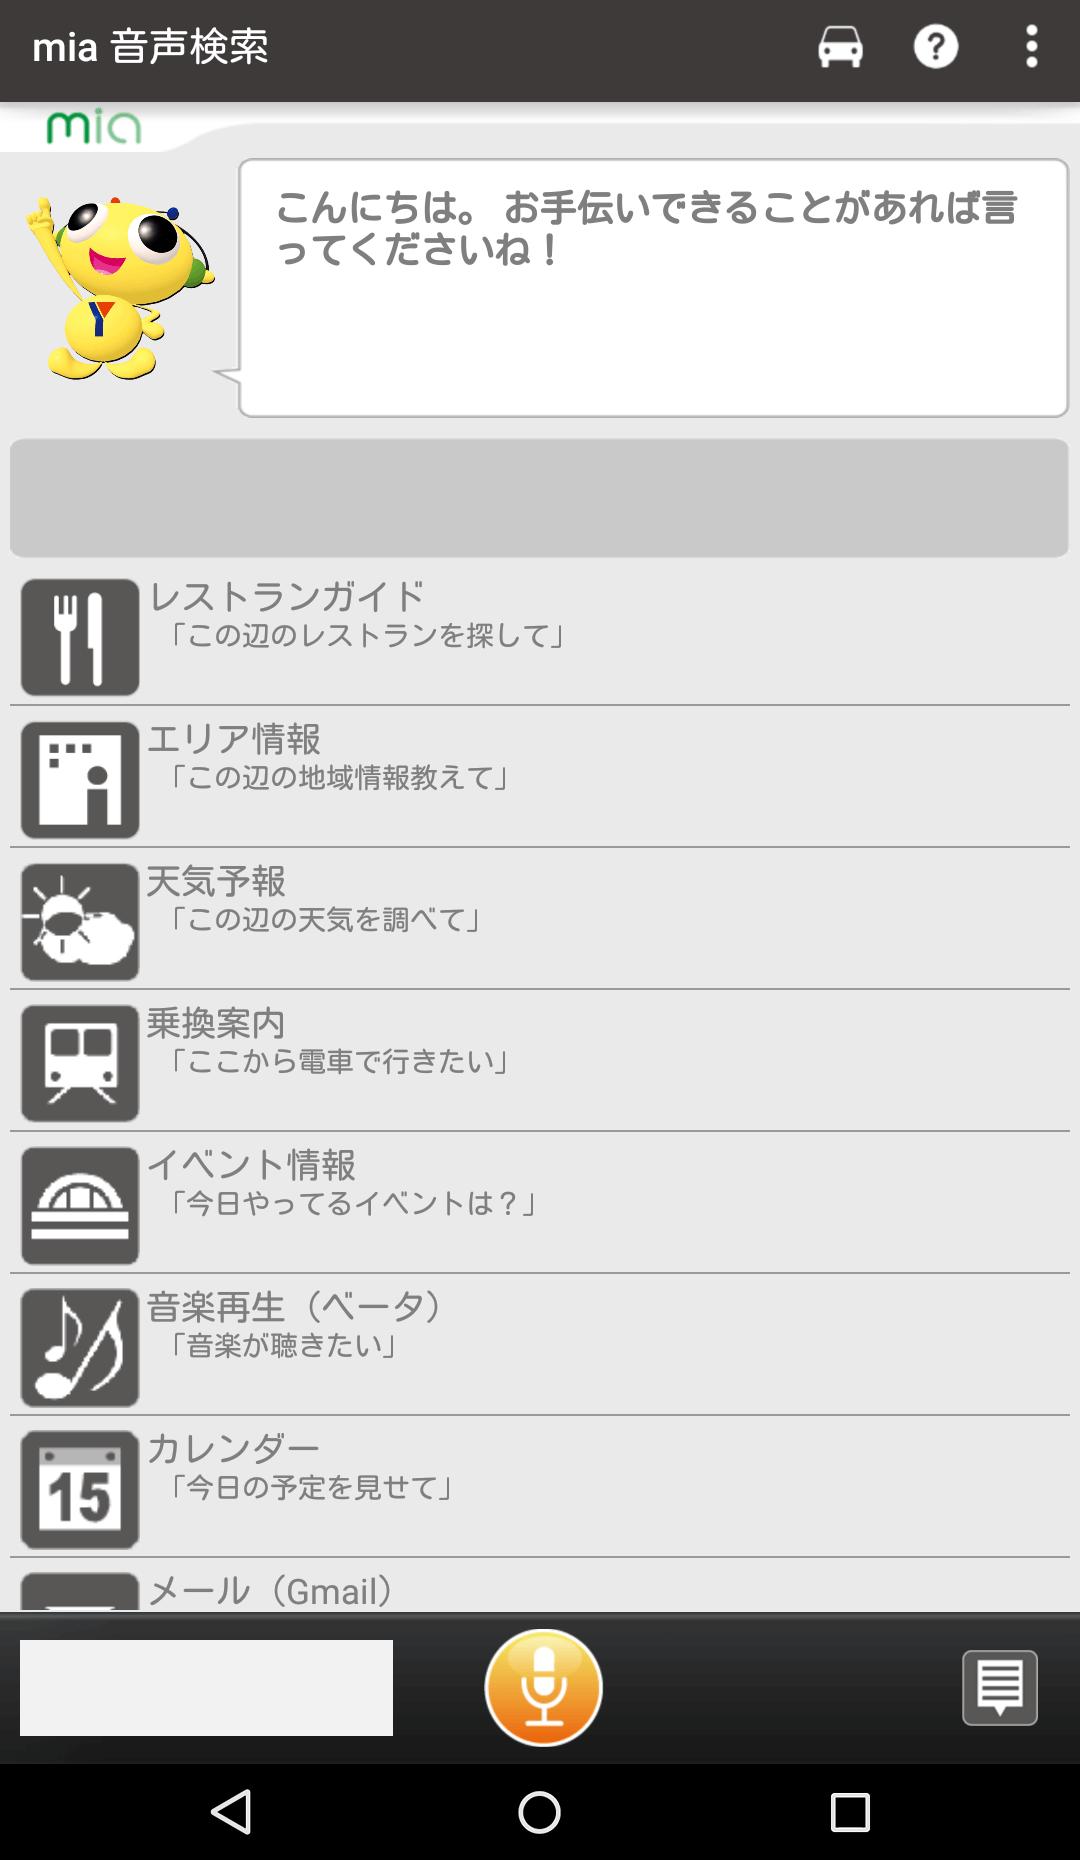 『mia音声検索』ホーム画面